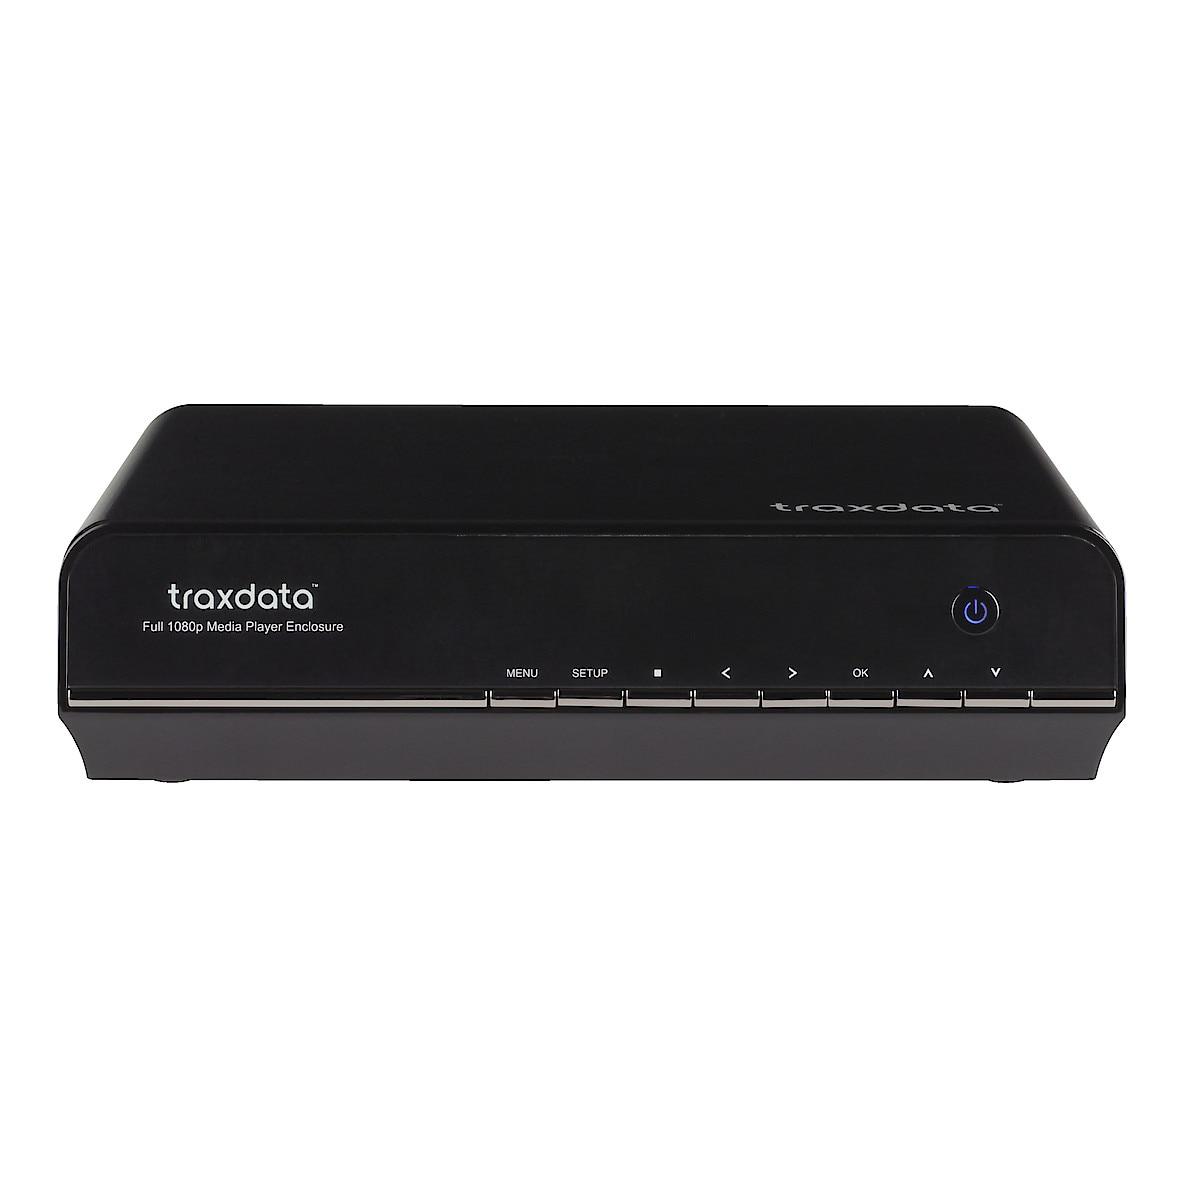 Mediasoitin full HD Traxdata 1080P